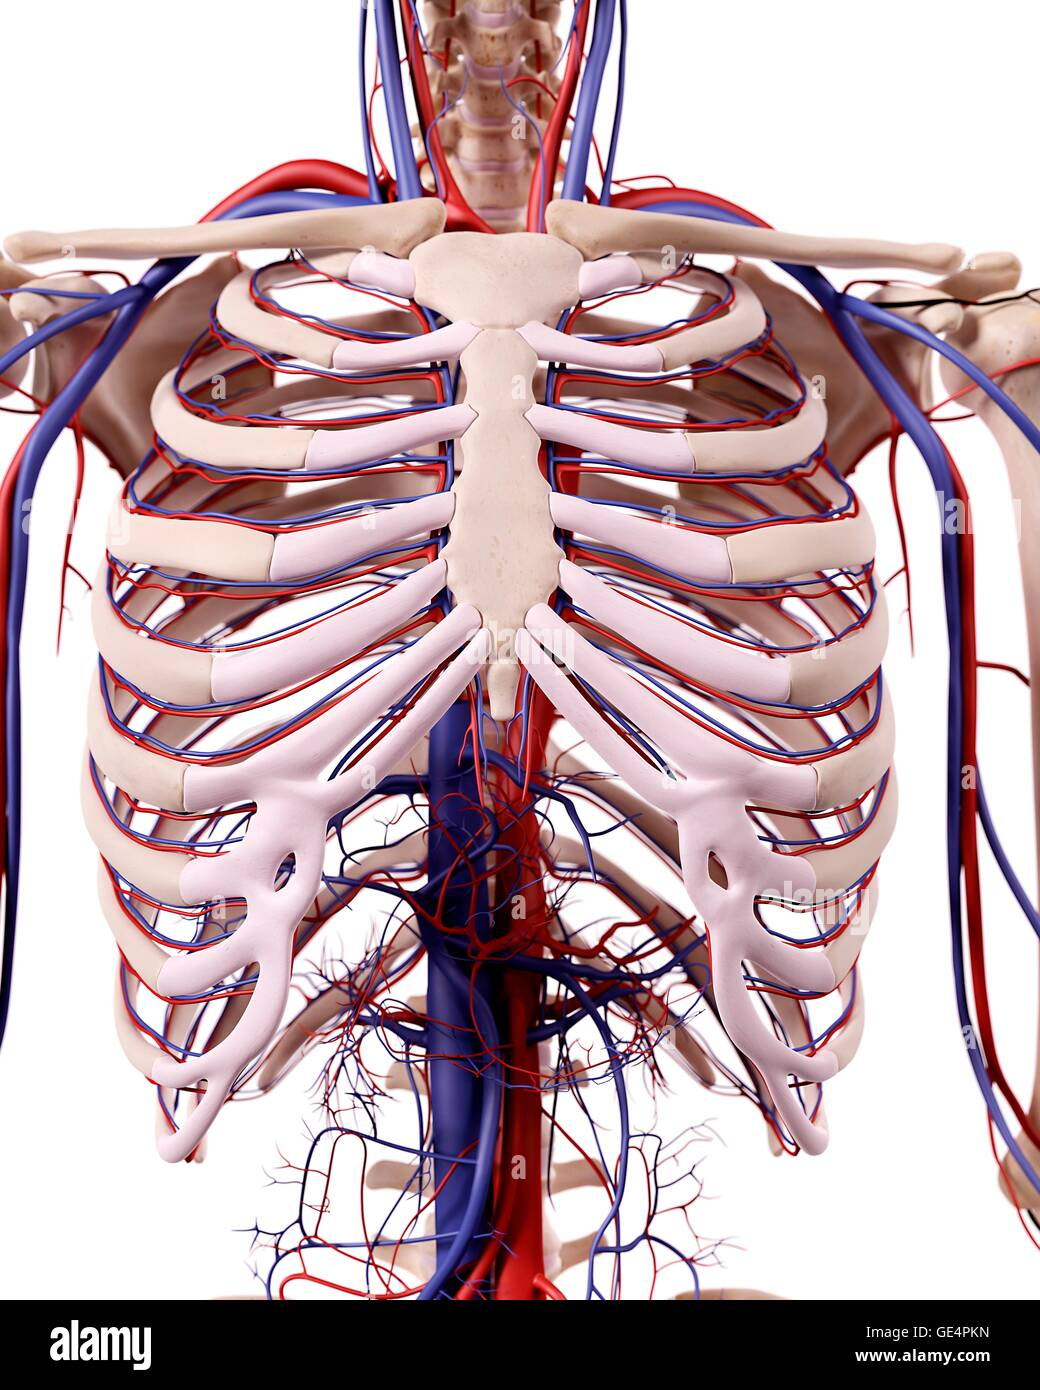 Anatomie des Menschen Thorax, Abbildung Stockfoto, Bild: 111973001 ...